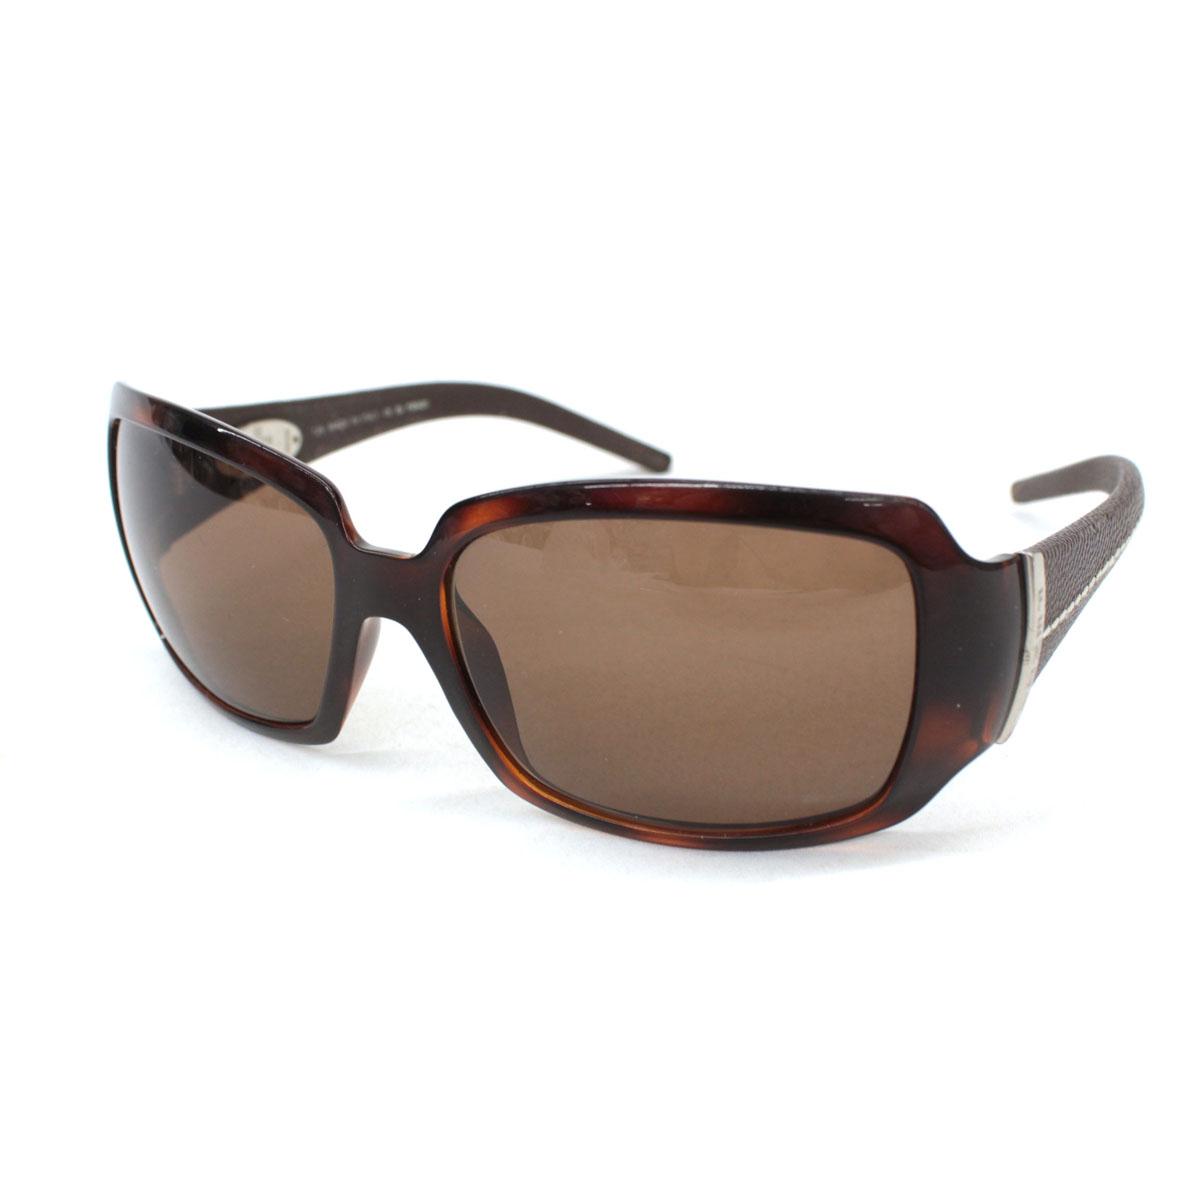 FENDI フェンディ ヴィンテージ サングラス セレリア FS339L brown ブラウン 服飾小物 眼鏡 茶 中古 新作多数 ◆高品質 イタリア製 レディース